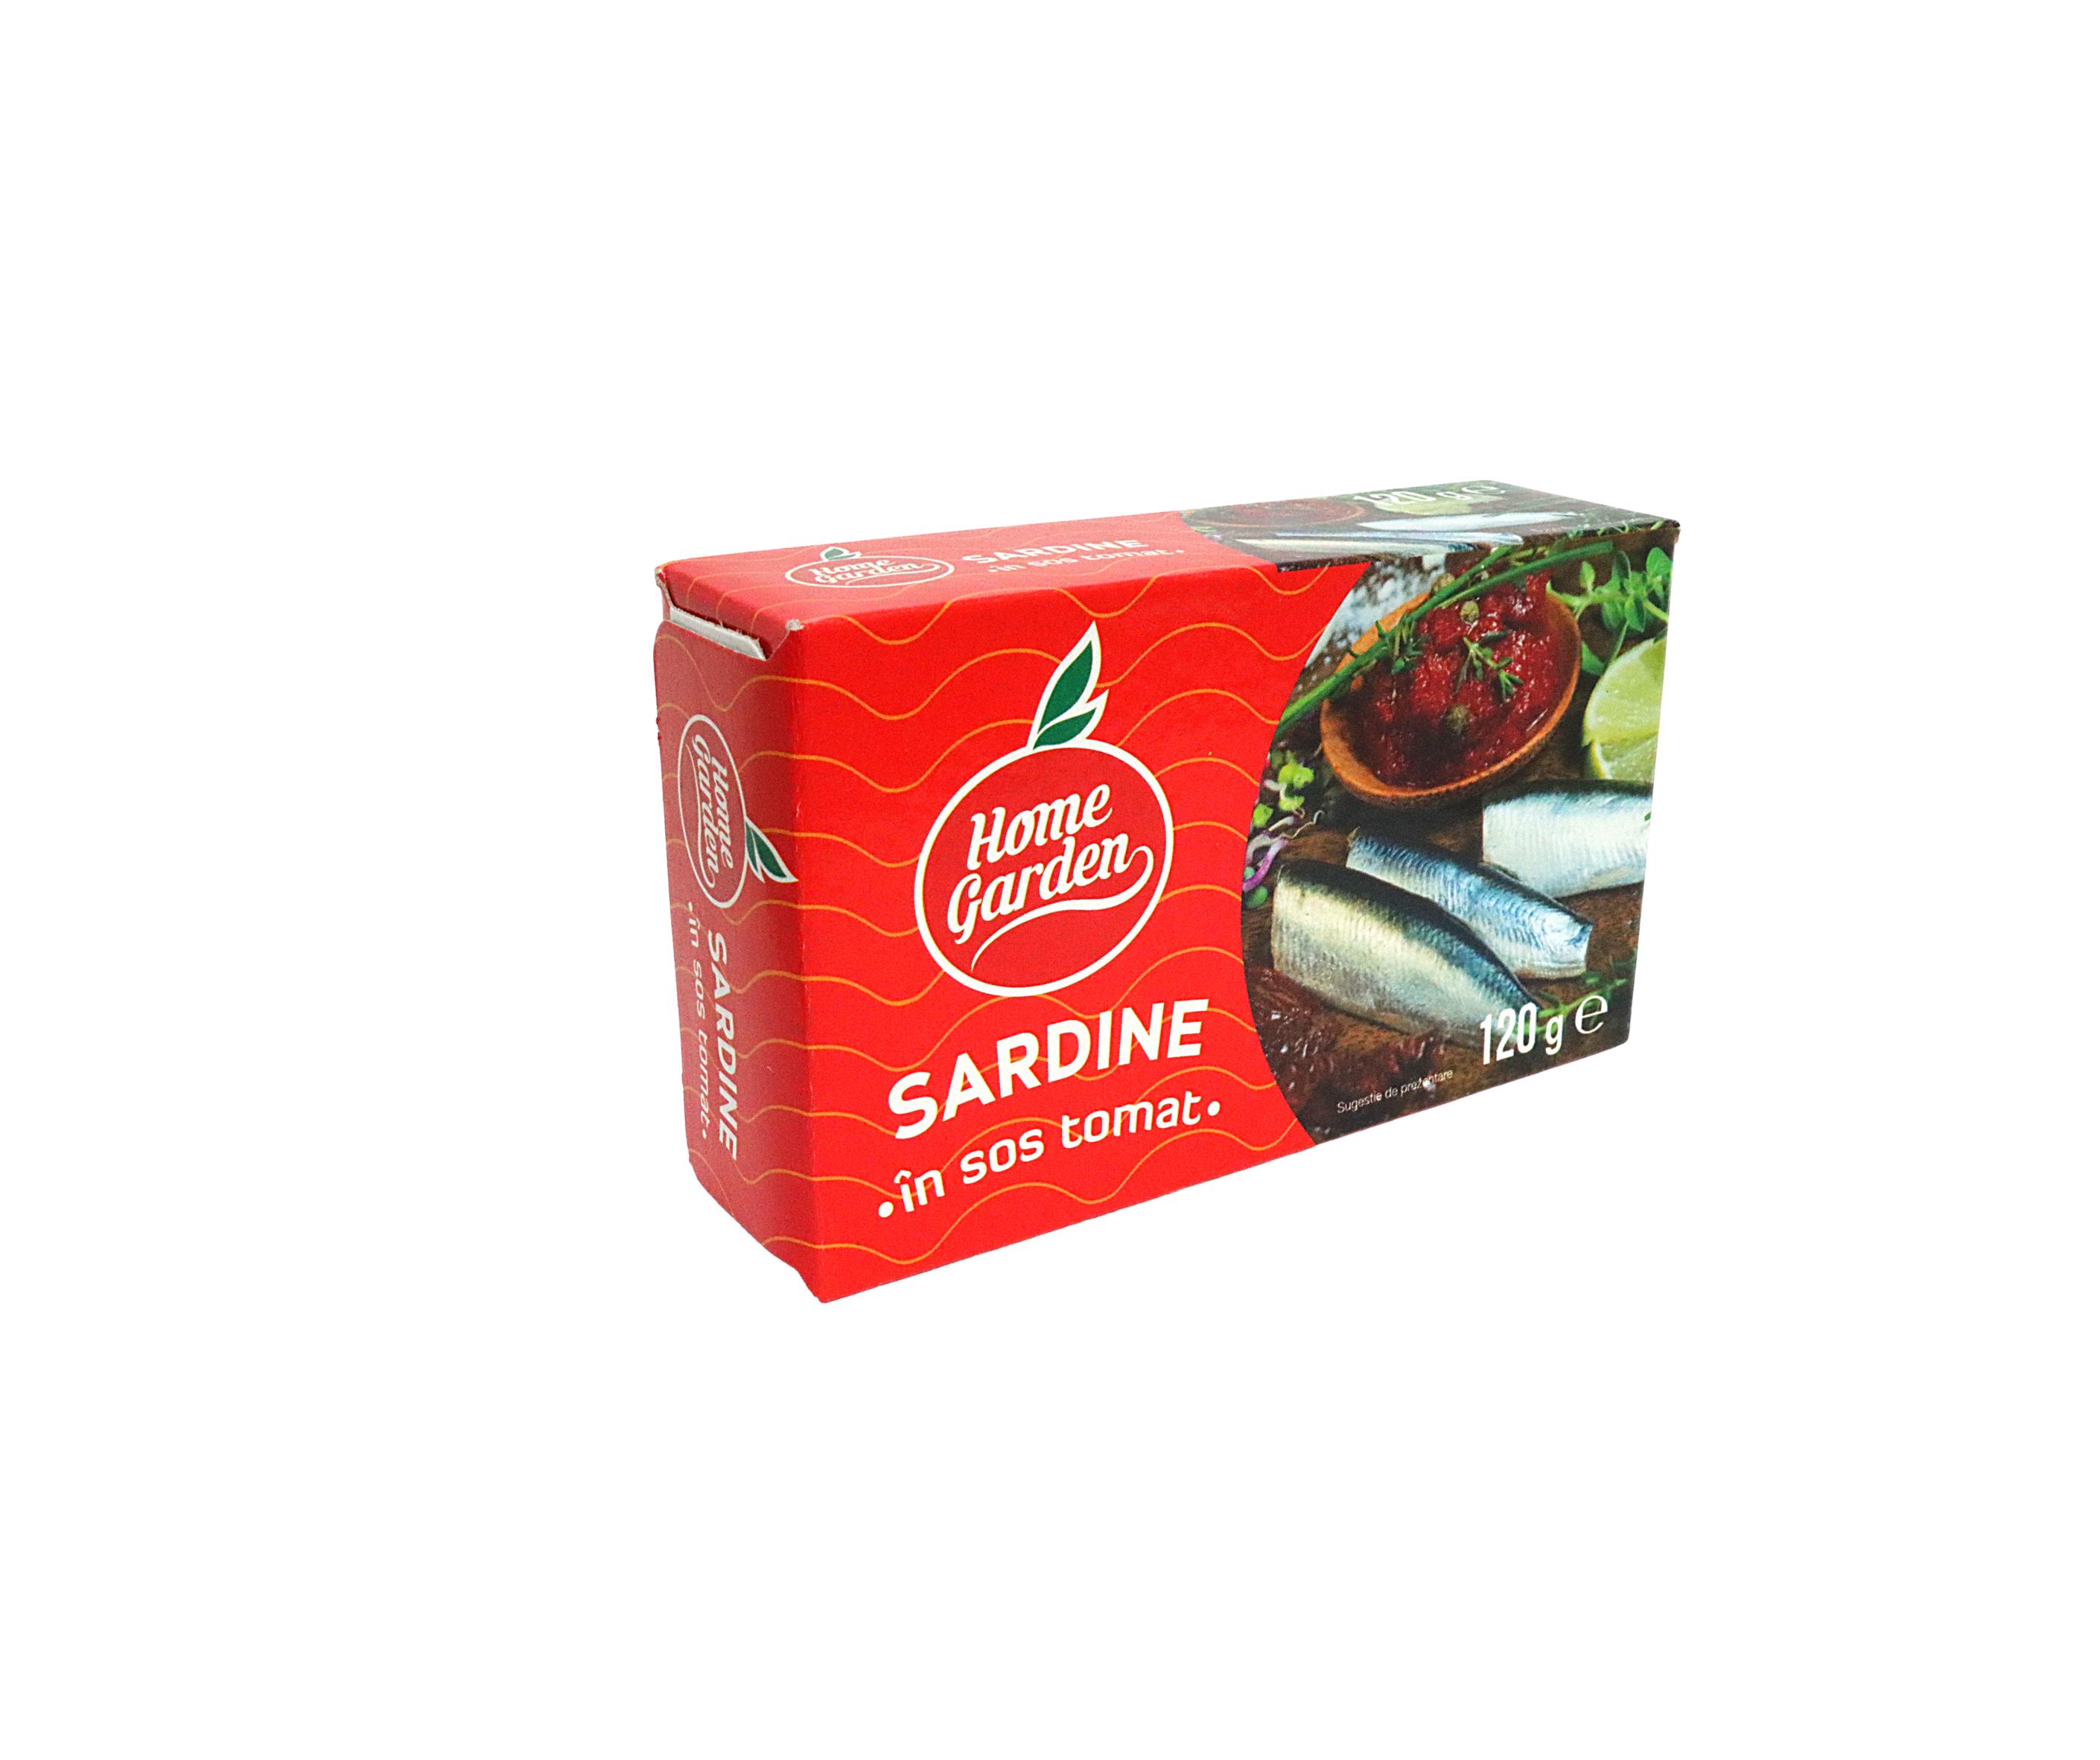 HOME GARDEN Sardine în sos tomat Premium 120g